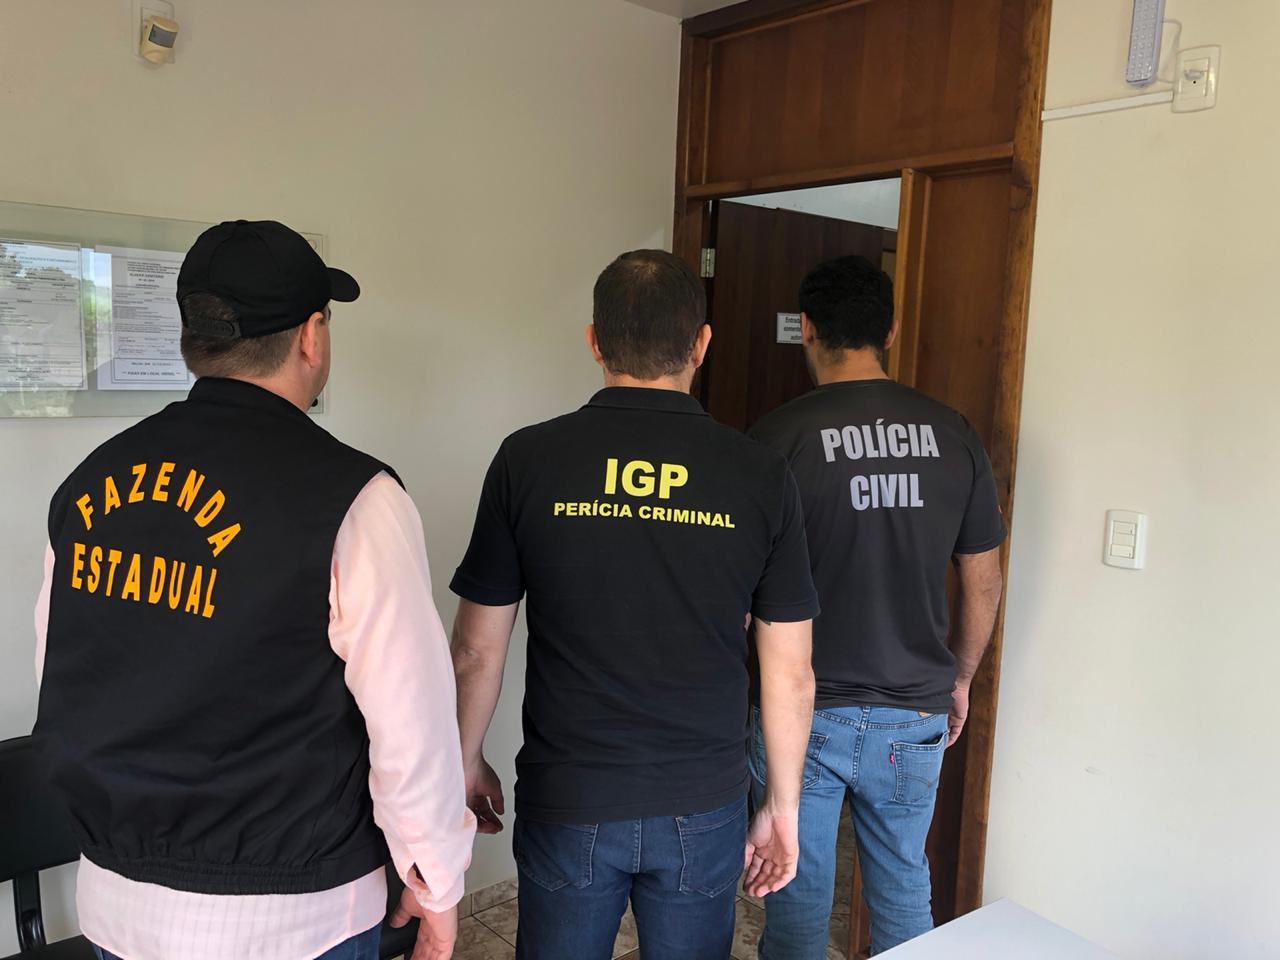 SC – Fazenda, Polícia Civil e IGP deflagram operação contra sonegação de ICMS